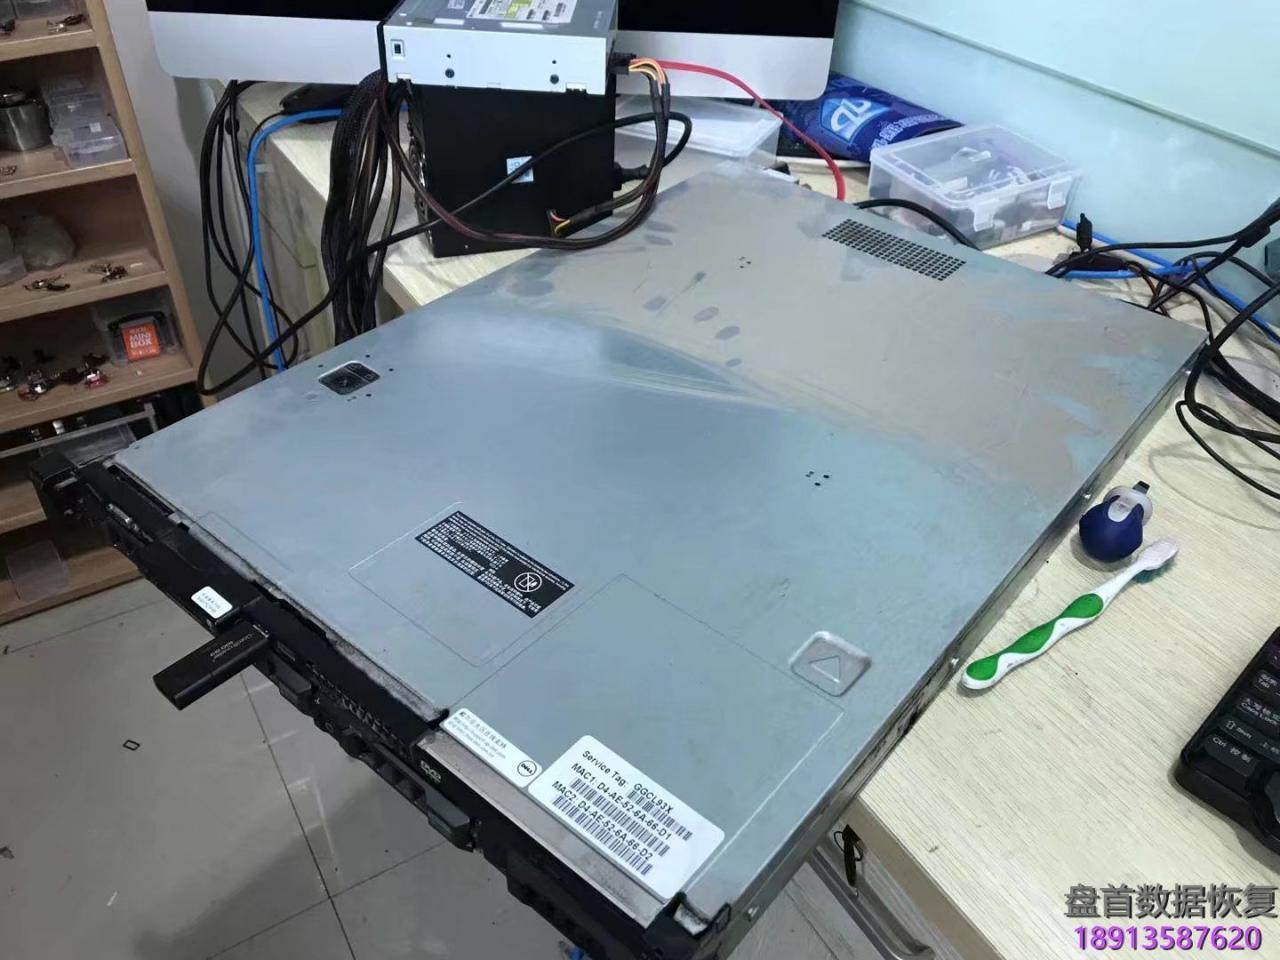 dell-r410金蝶k3数据库数据恢复成功,三盘raid5基中两块硬盘 DELL R410金蝶K3数据库数据恢复成功,三盘RAID5基中两块硬盘损坏